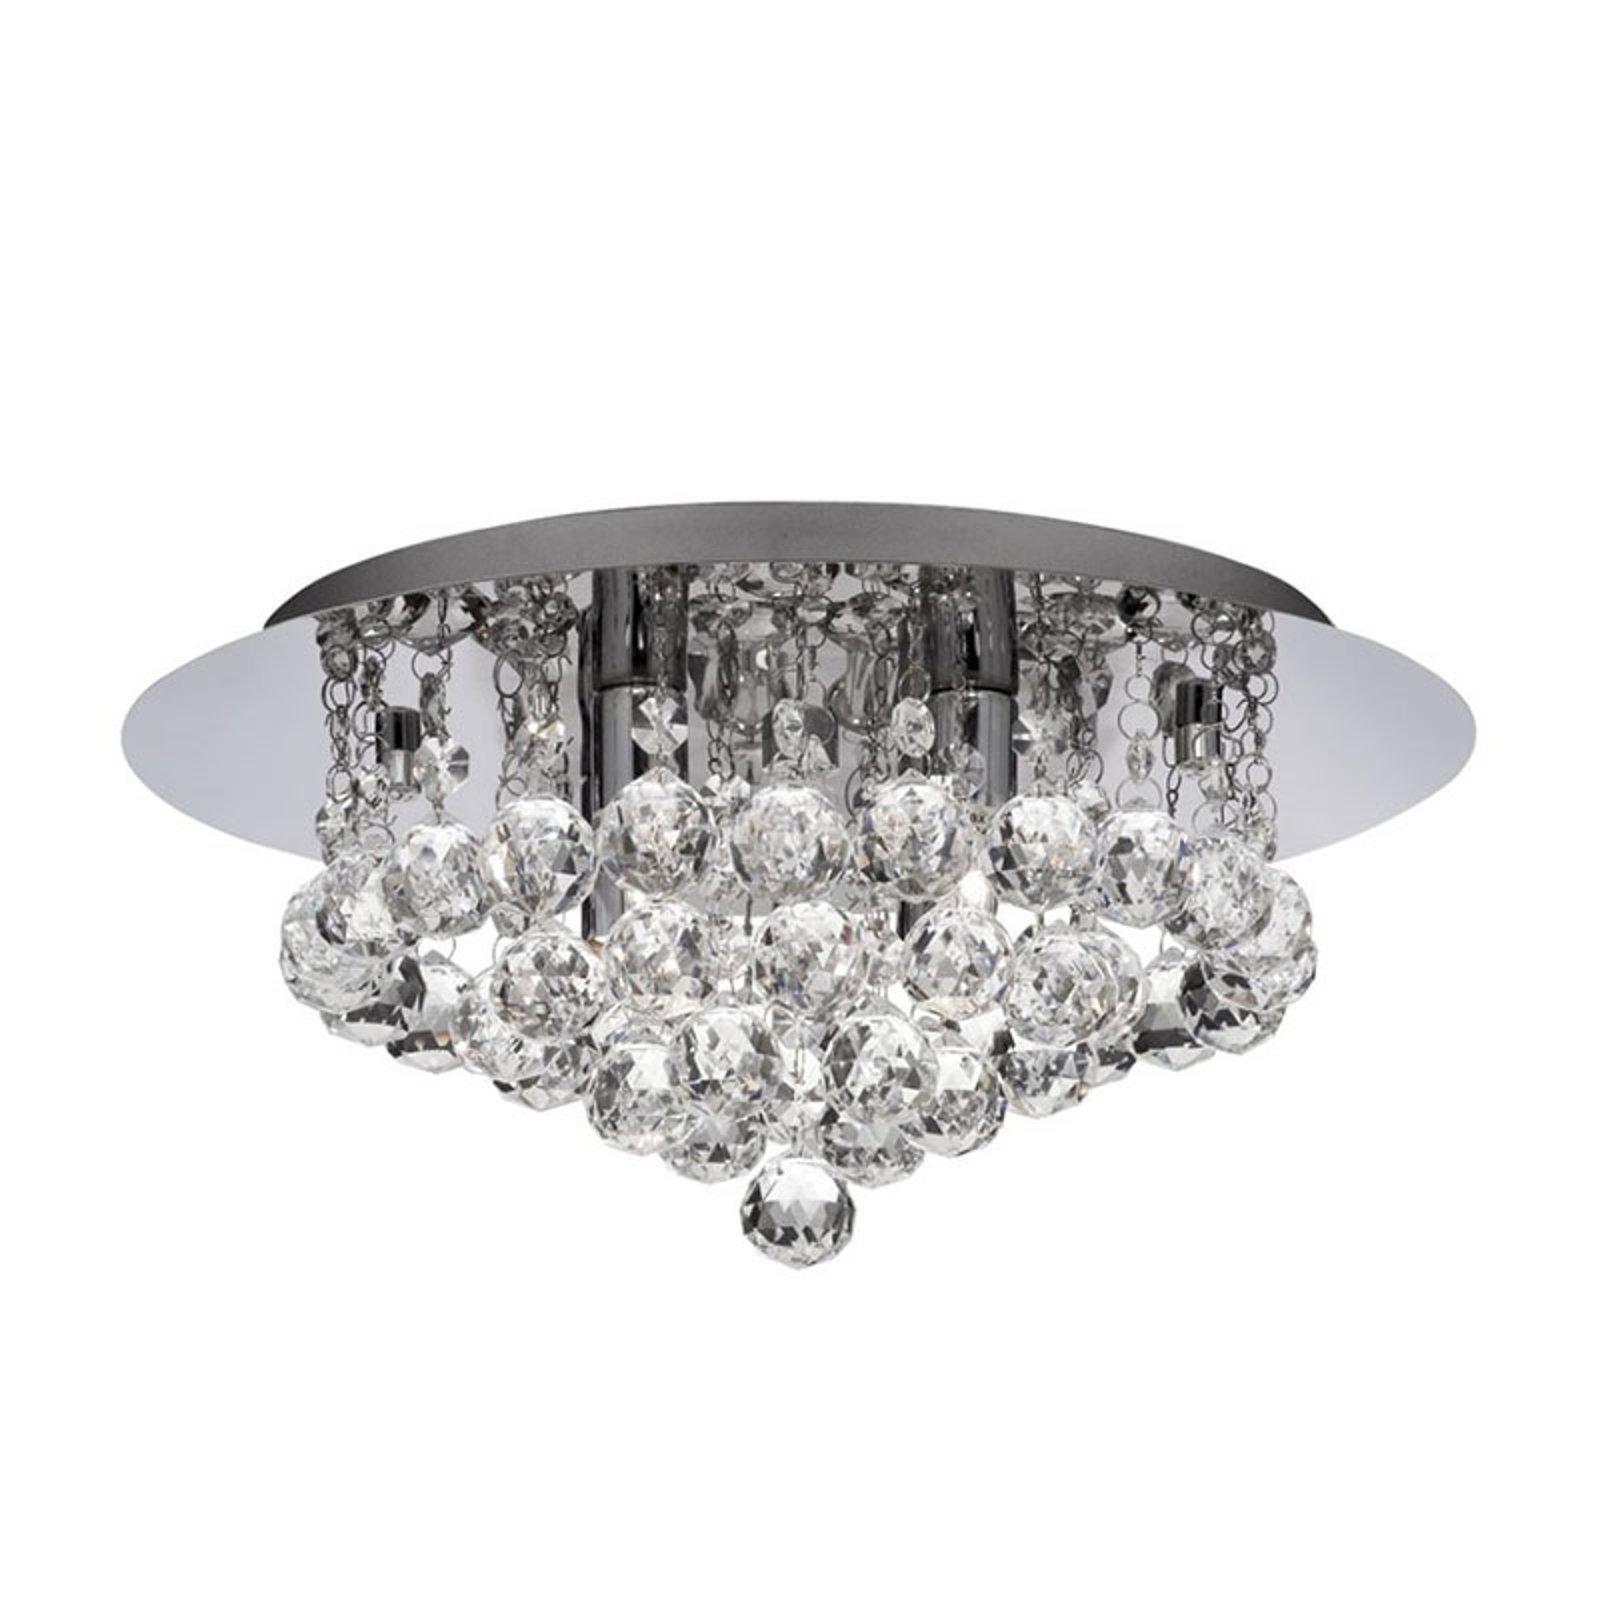 Taklampe Hanna krom med krystallkuller, 35 cm